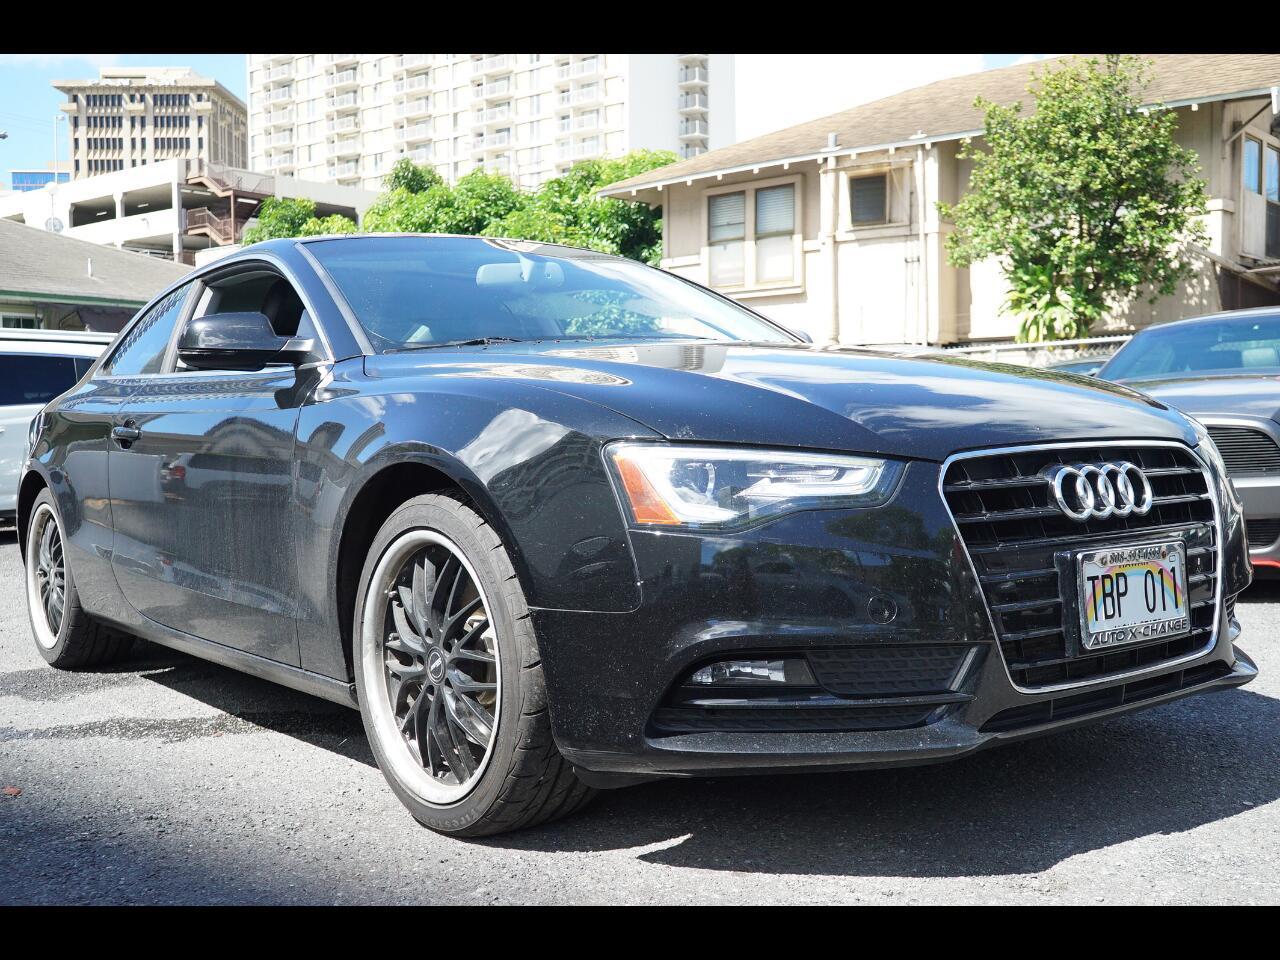 2013 Audi A5 2dr Cpe Auto quattro 2.0T Premium Plus